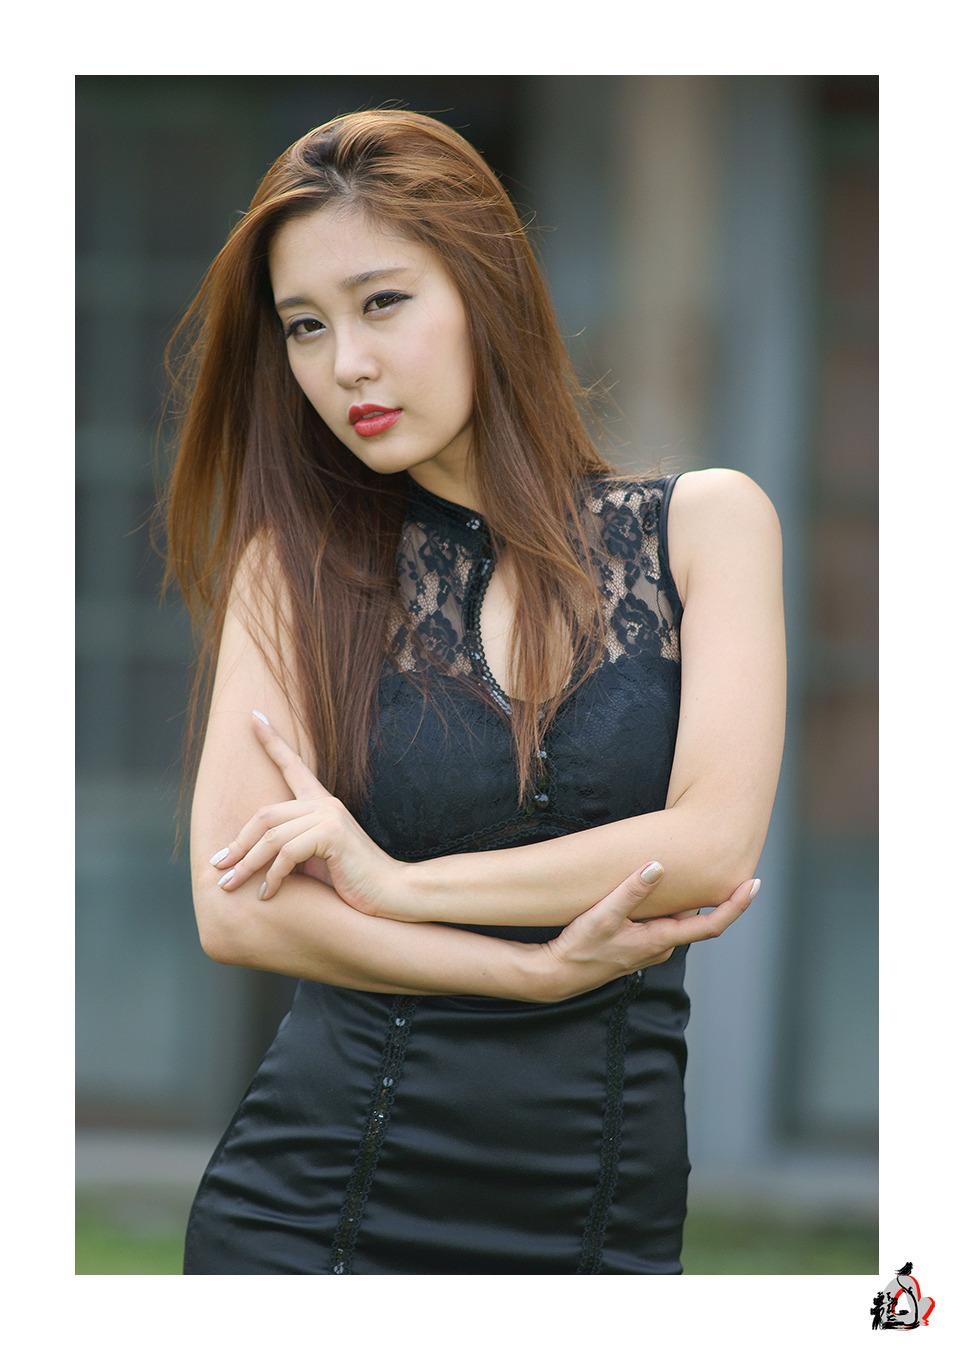 Cute Asian Girls: Hwang In Ji with Black Lace Looks Beautiful